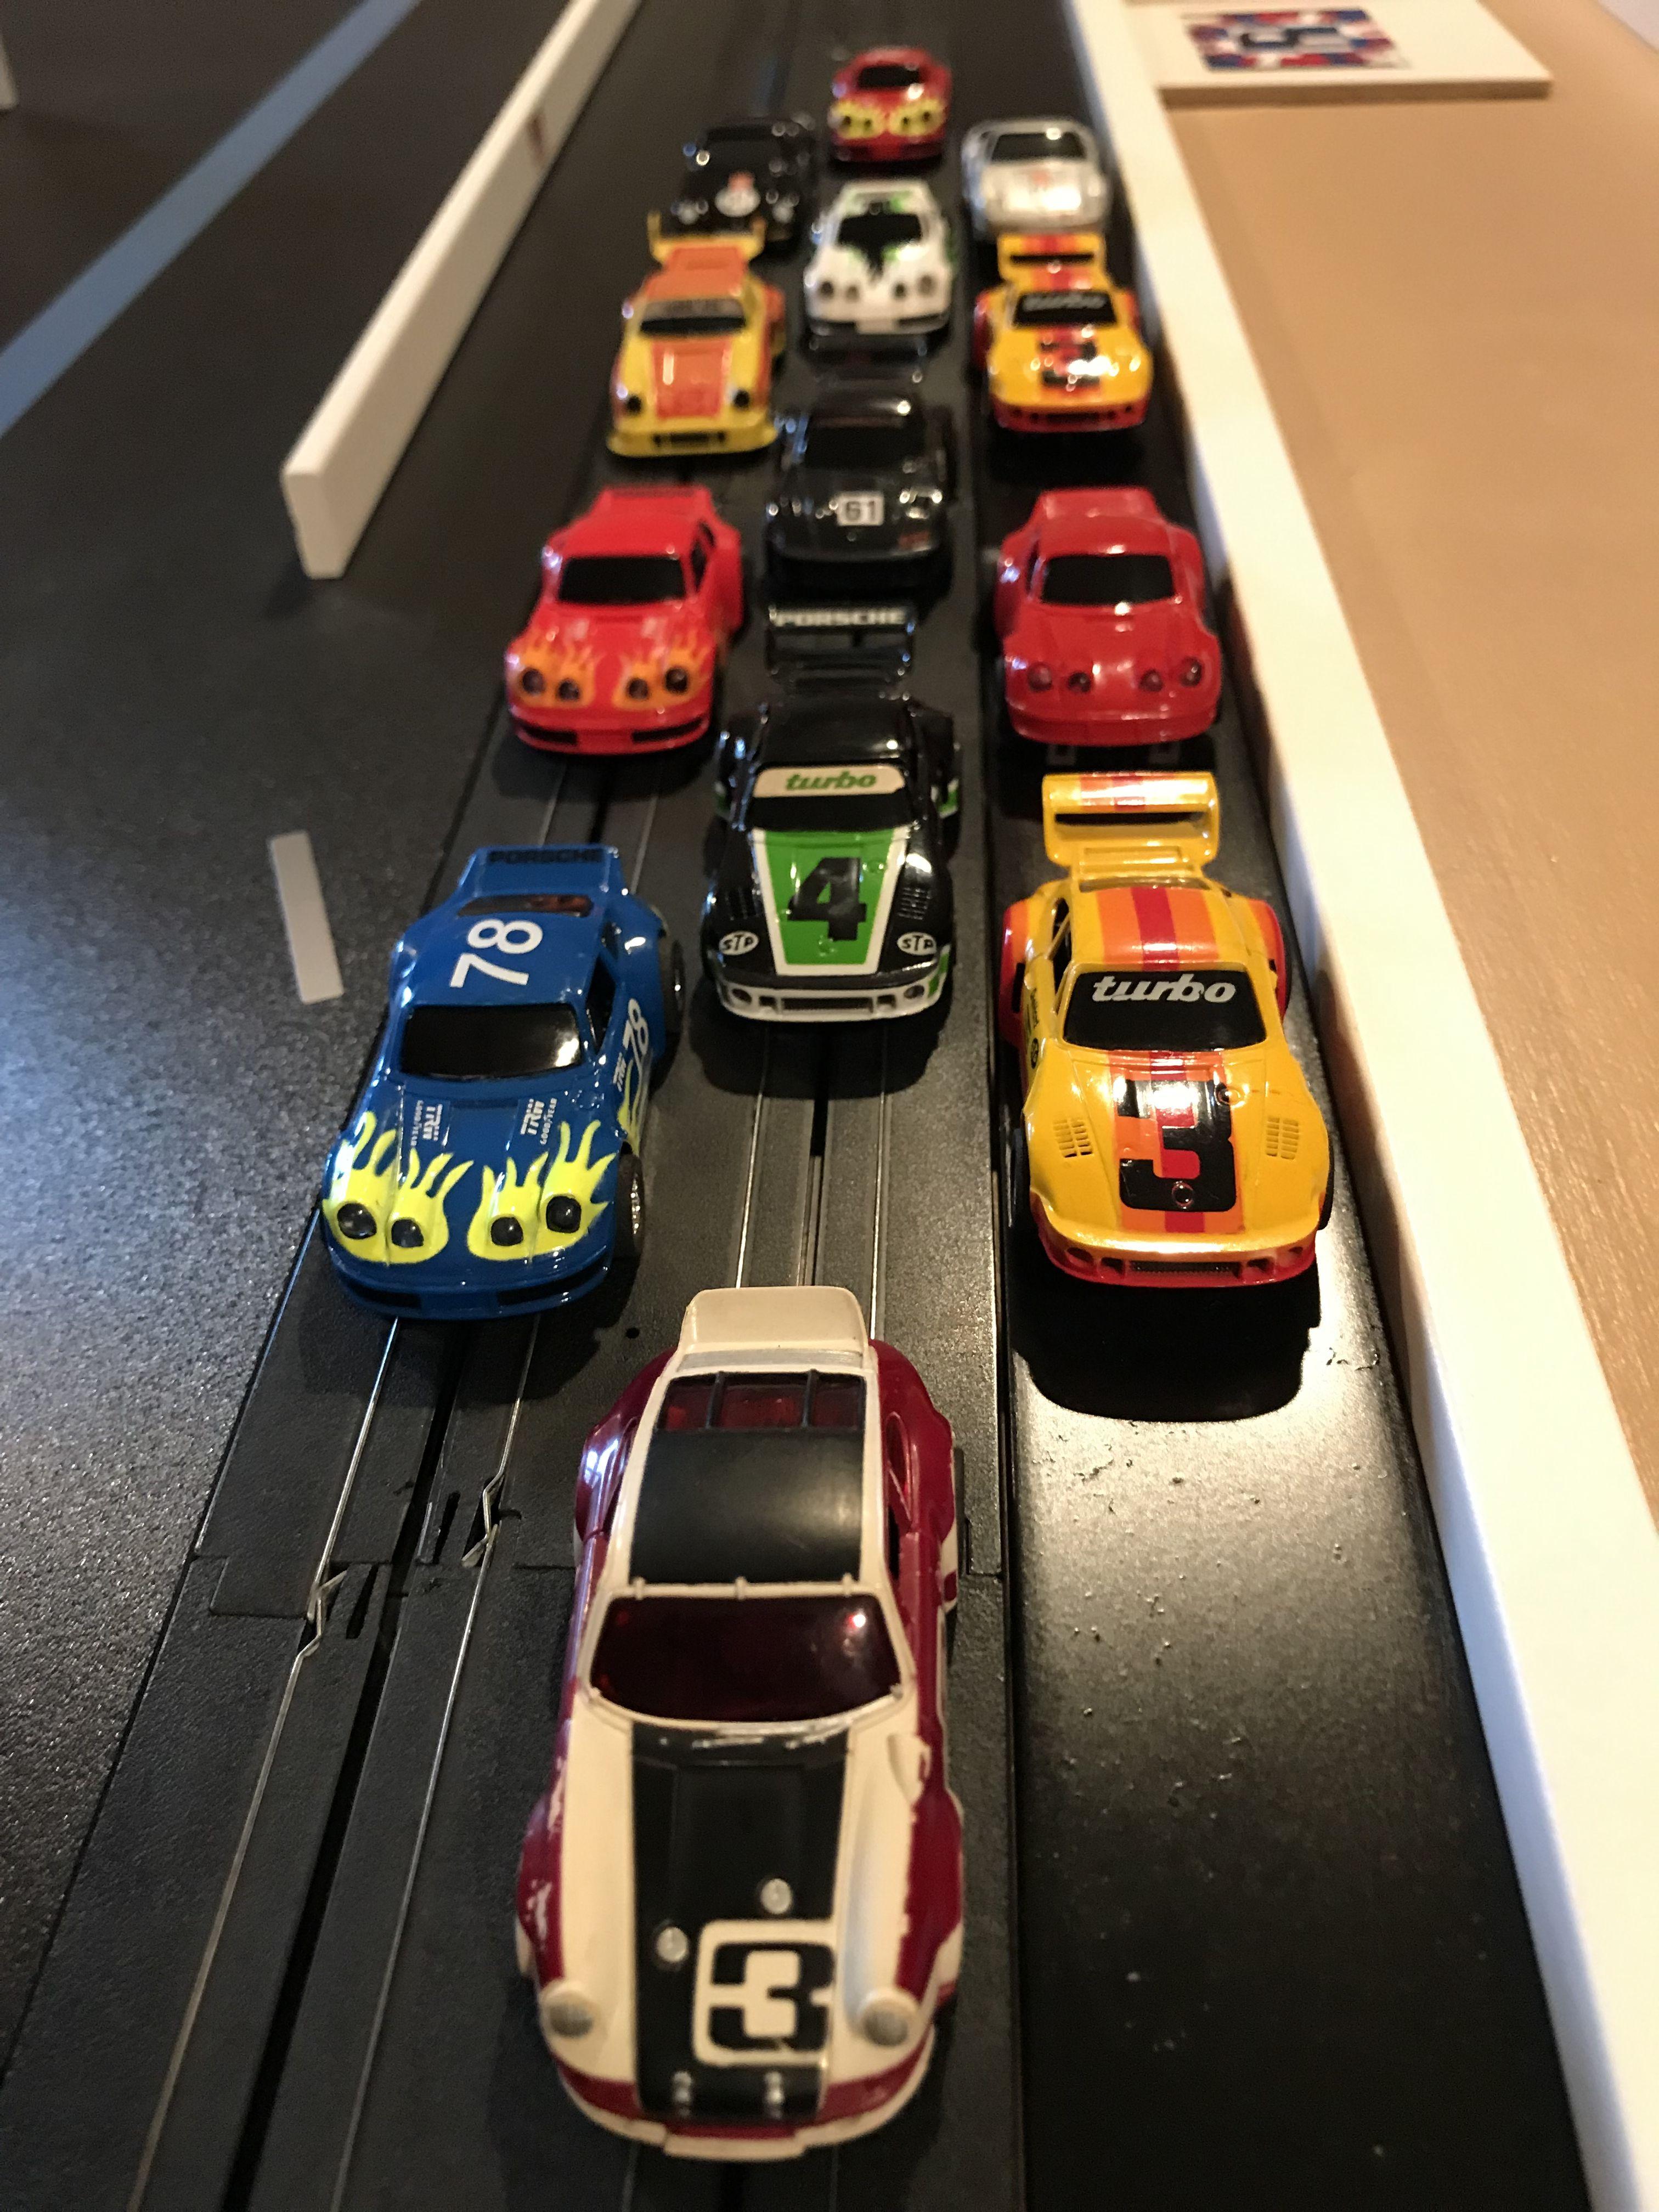 Épinglé par Melie sur Car Voiture miniature, Voiture